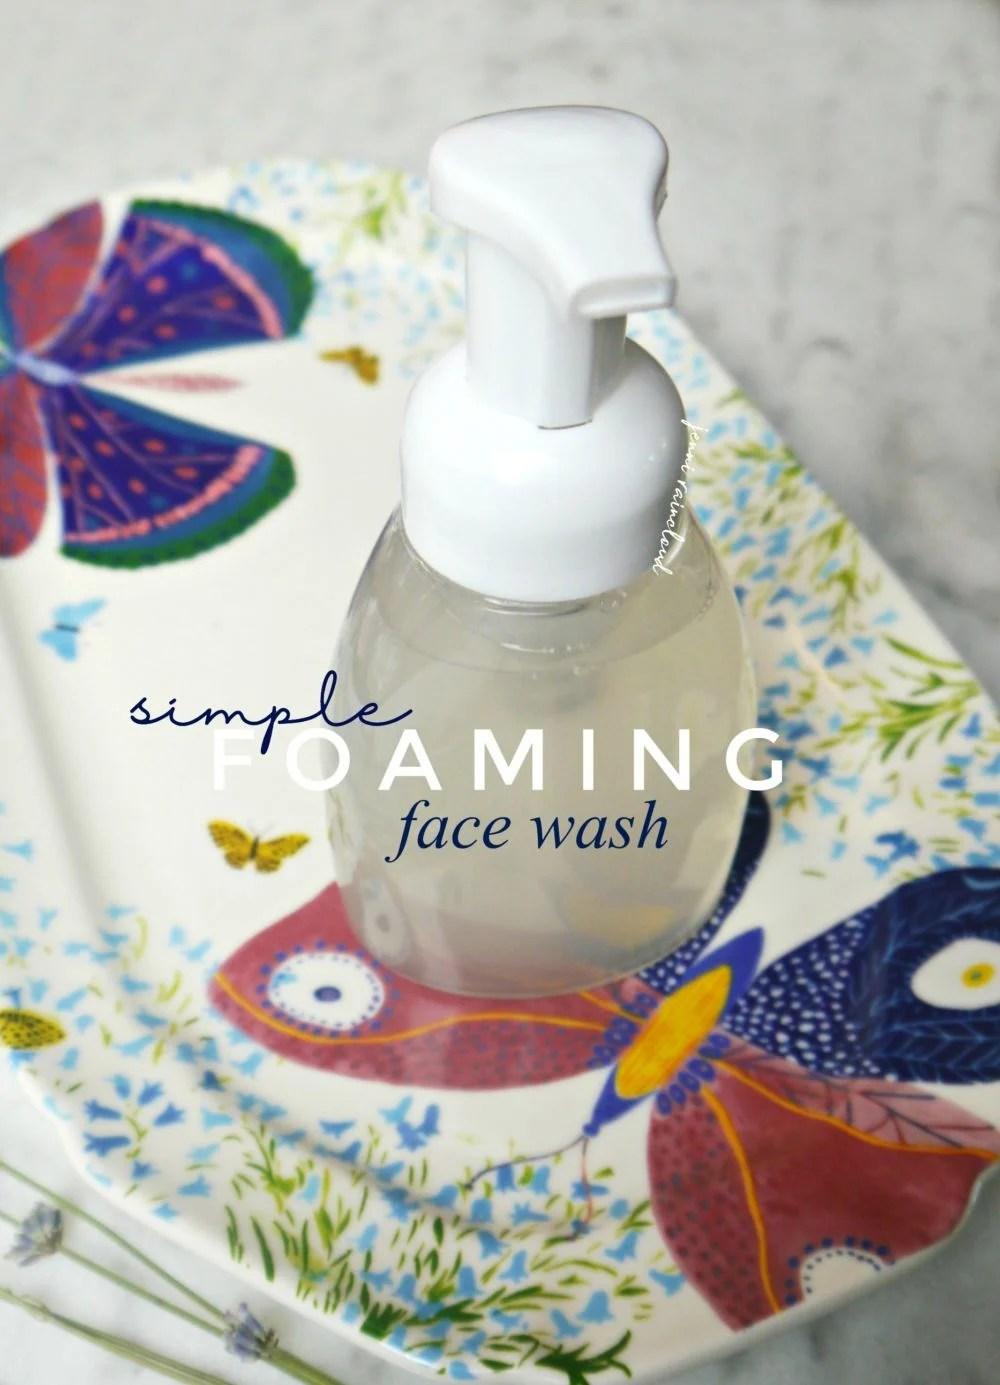 Piankowy płyn do mycia twarzy